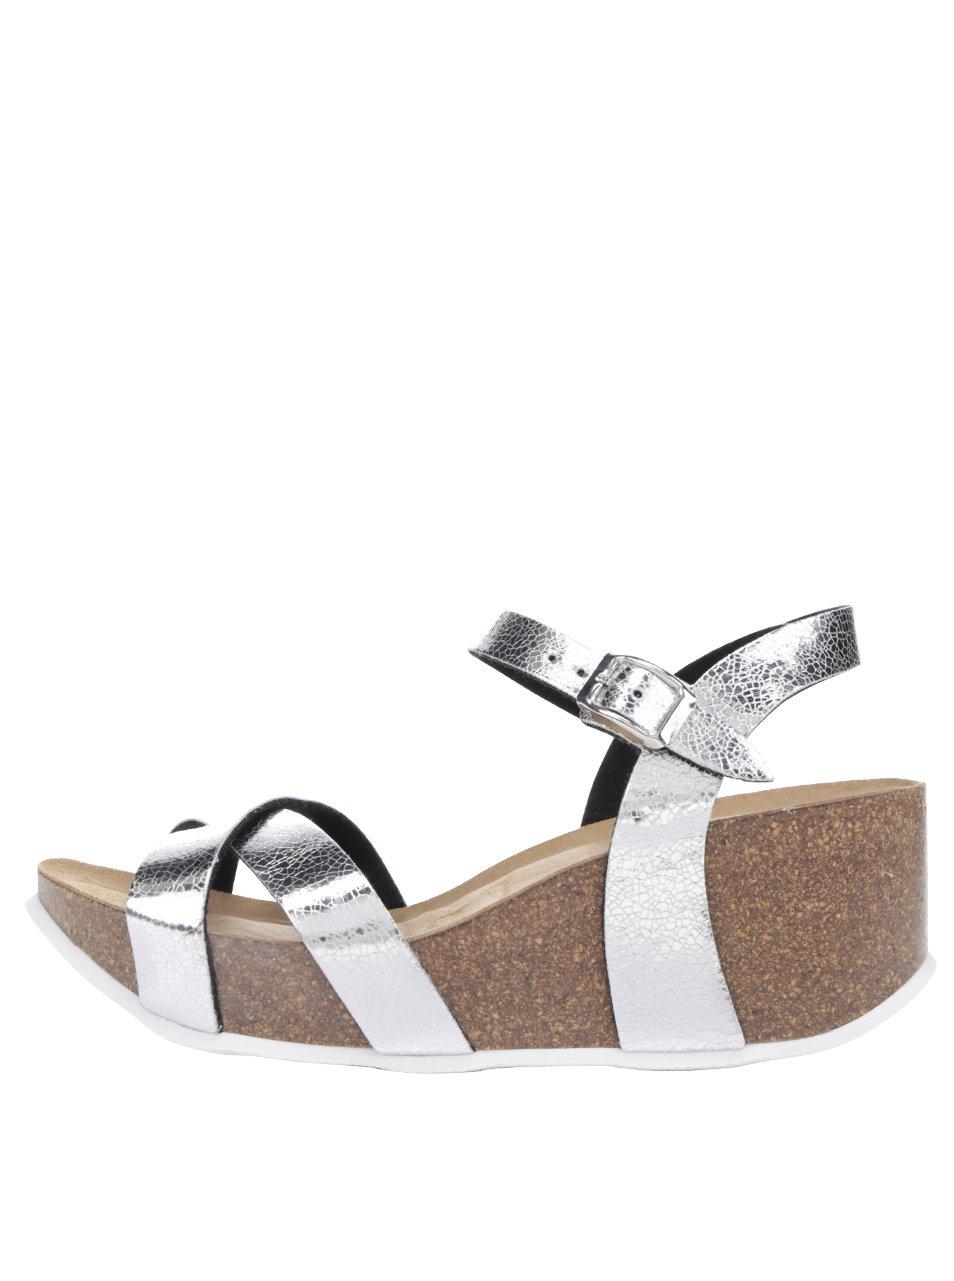 5f4eace4a35c Dámske sandále na platforme v striebornej farbe OJJU ...